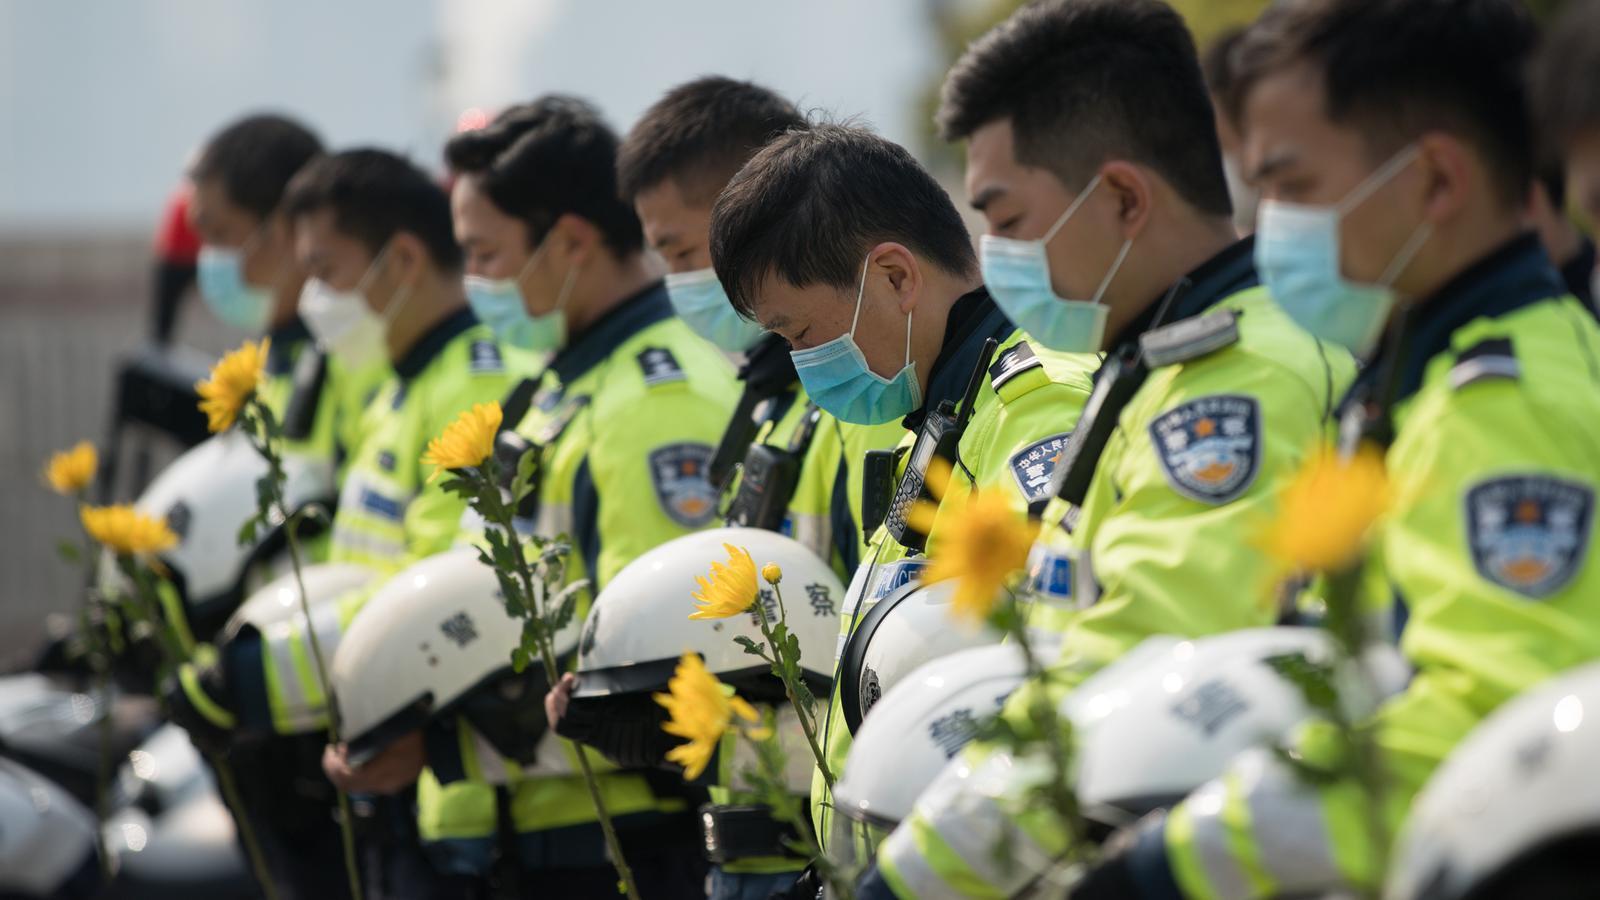 Un grup de policies guarda tres minuts de silenci per  les víctimes mortals del coronavirus a la Torre Memorial dels Herois del Poble a Xangai